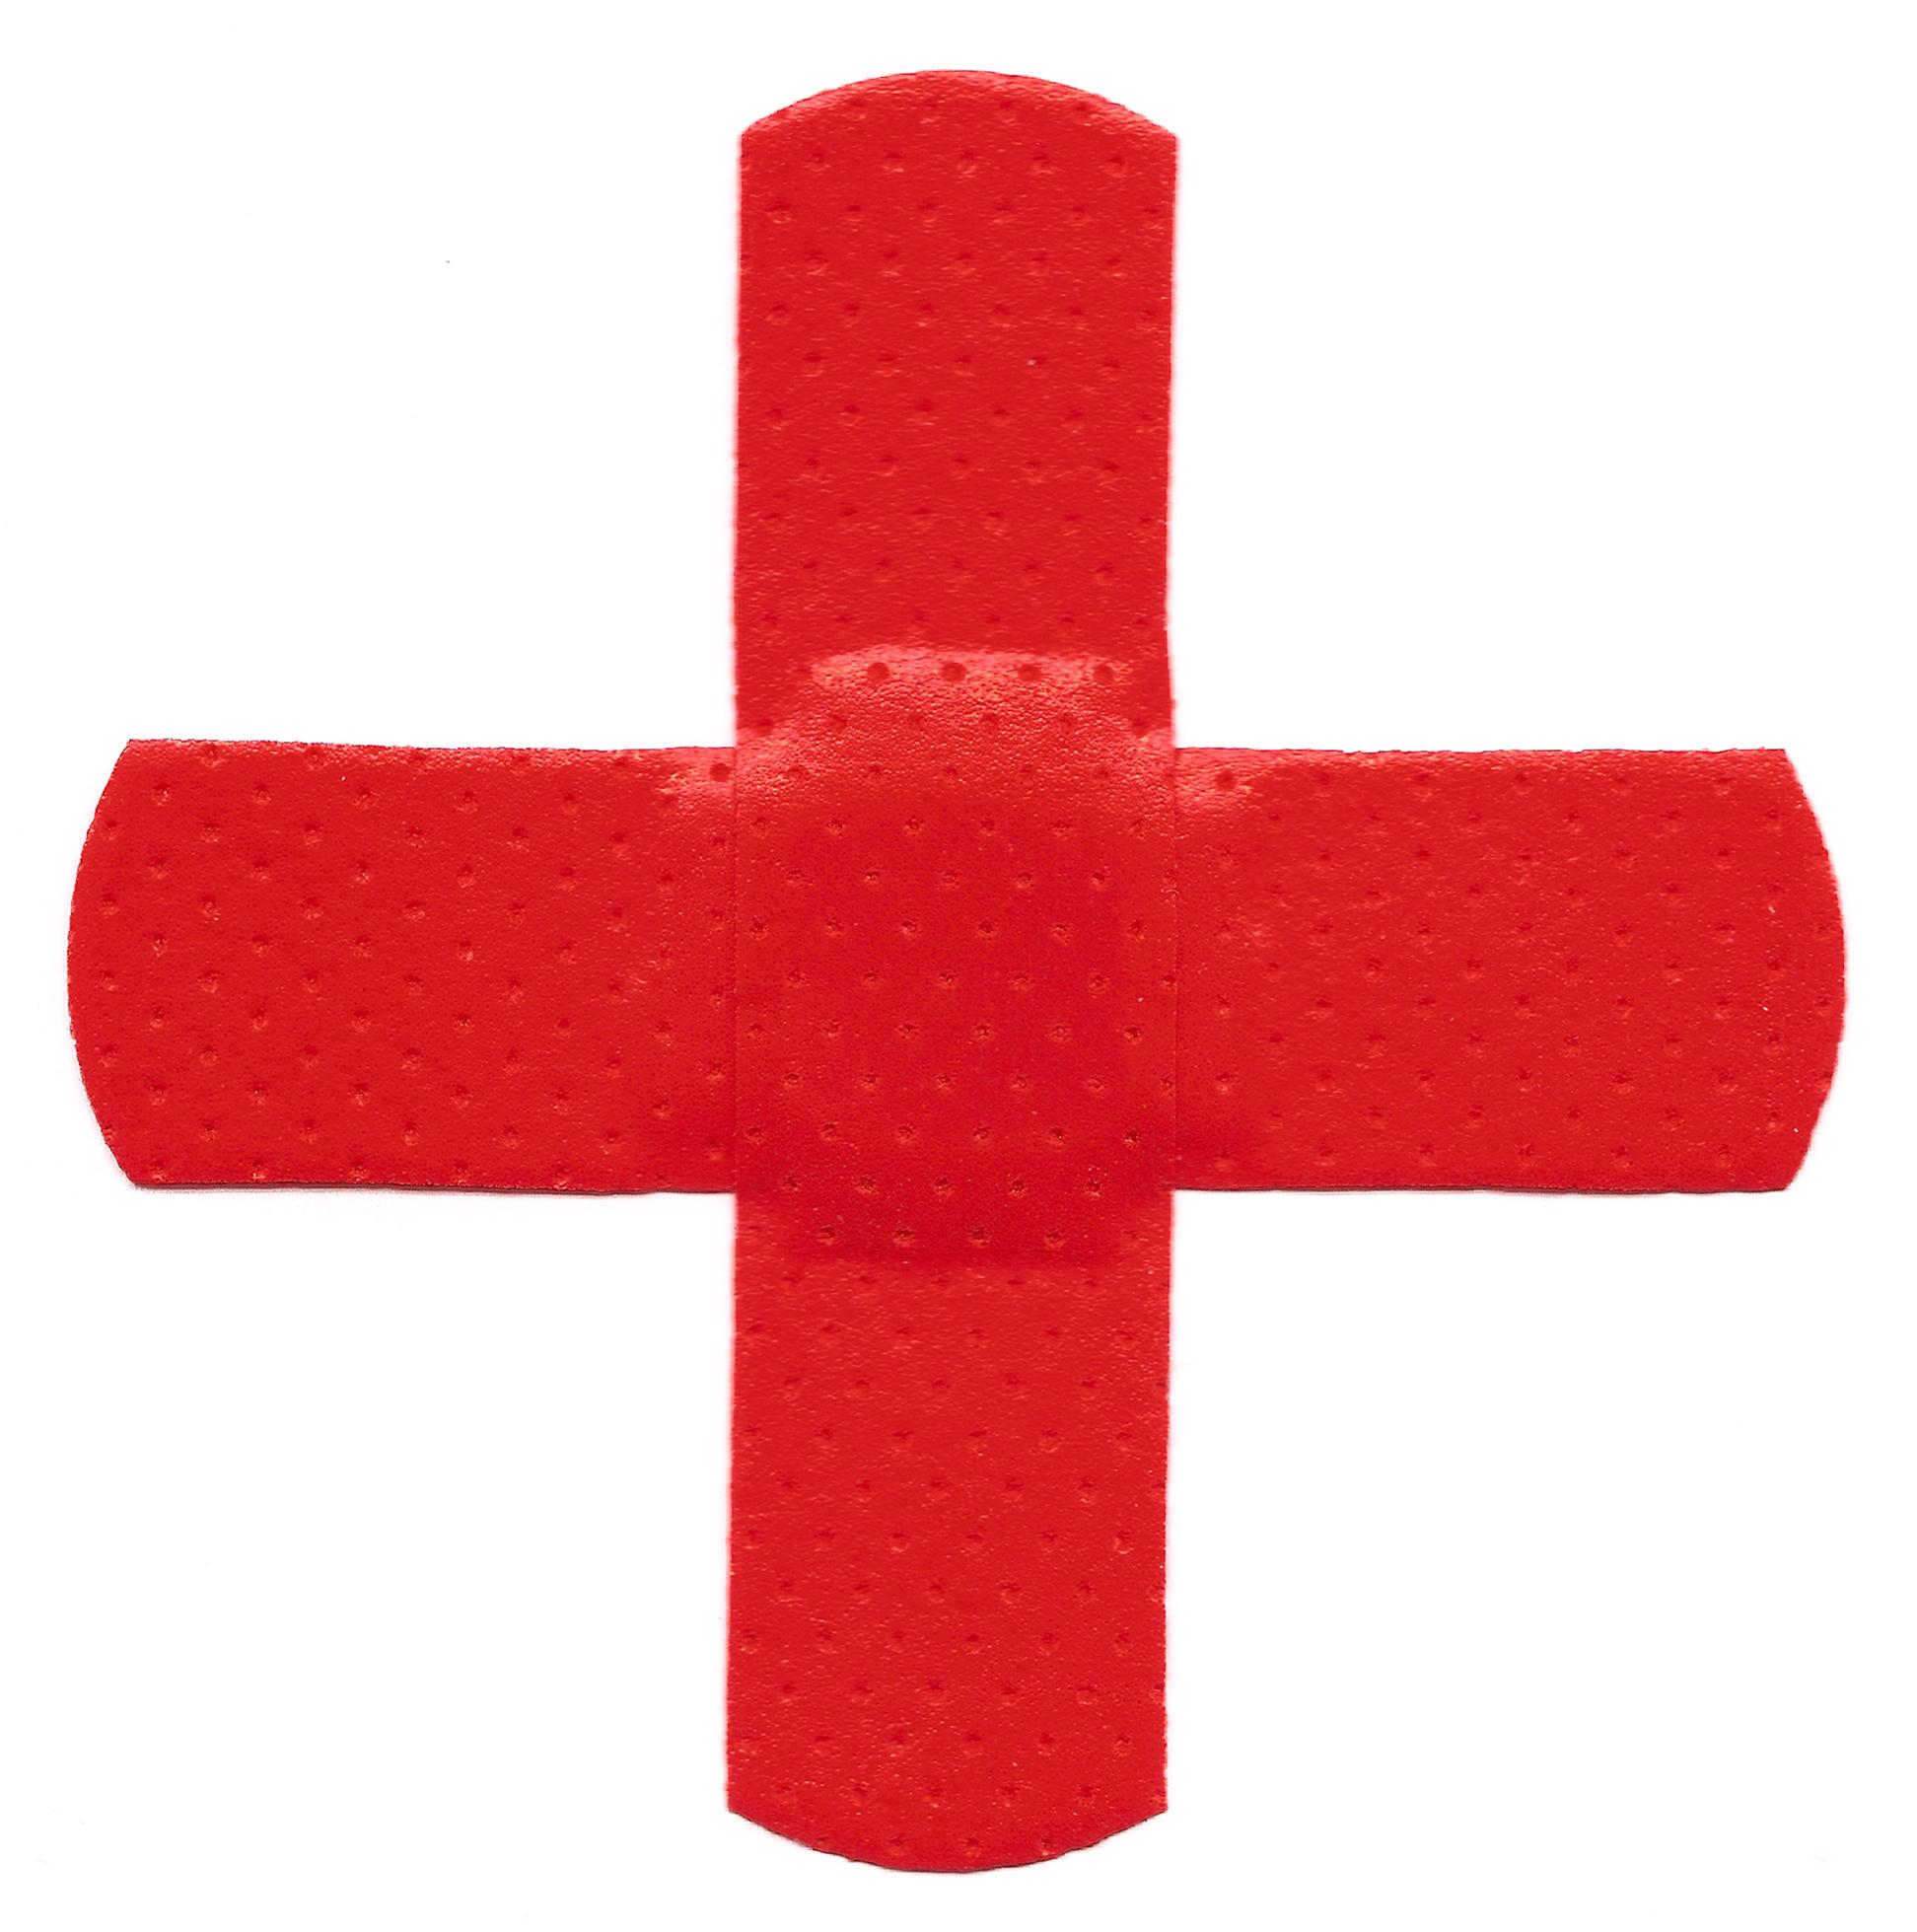 Cross bandages photo